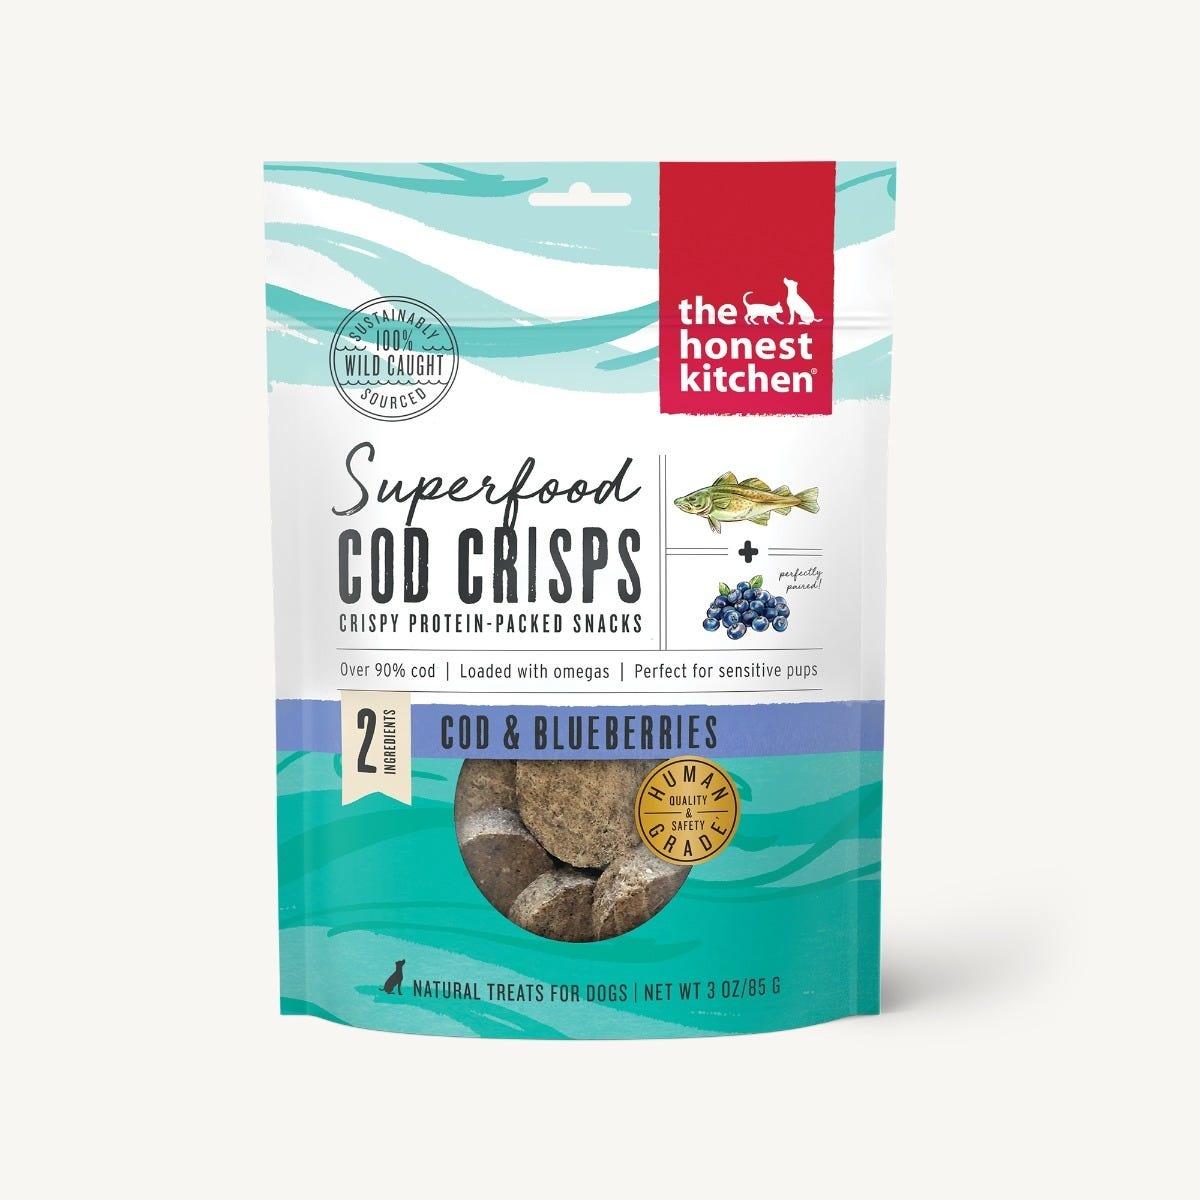 The Honest Kitchen Honest Kitchen Superfood Cod Crisps - Cod & Blueberries